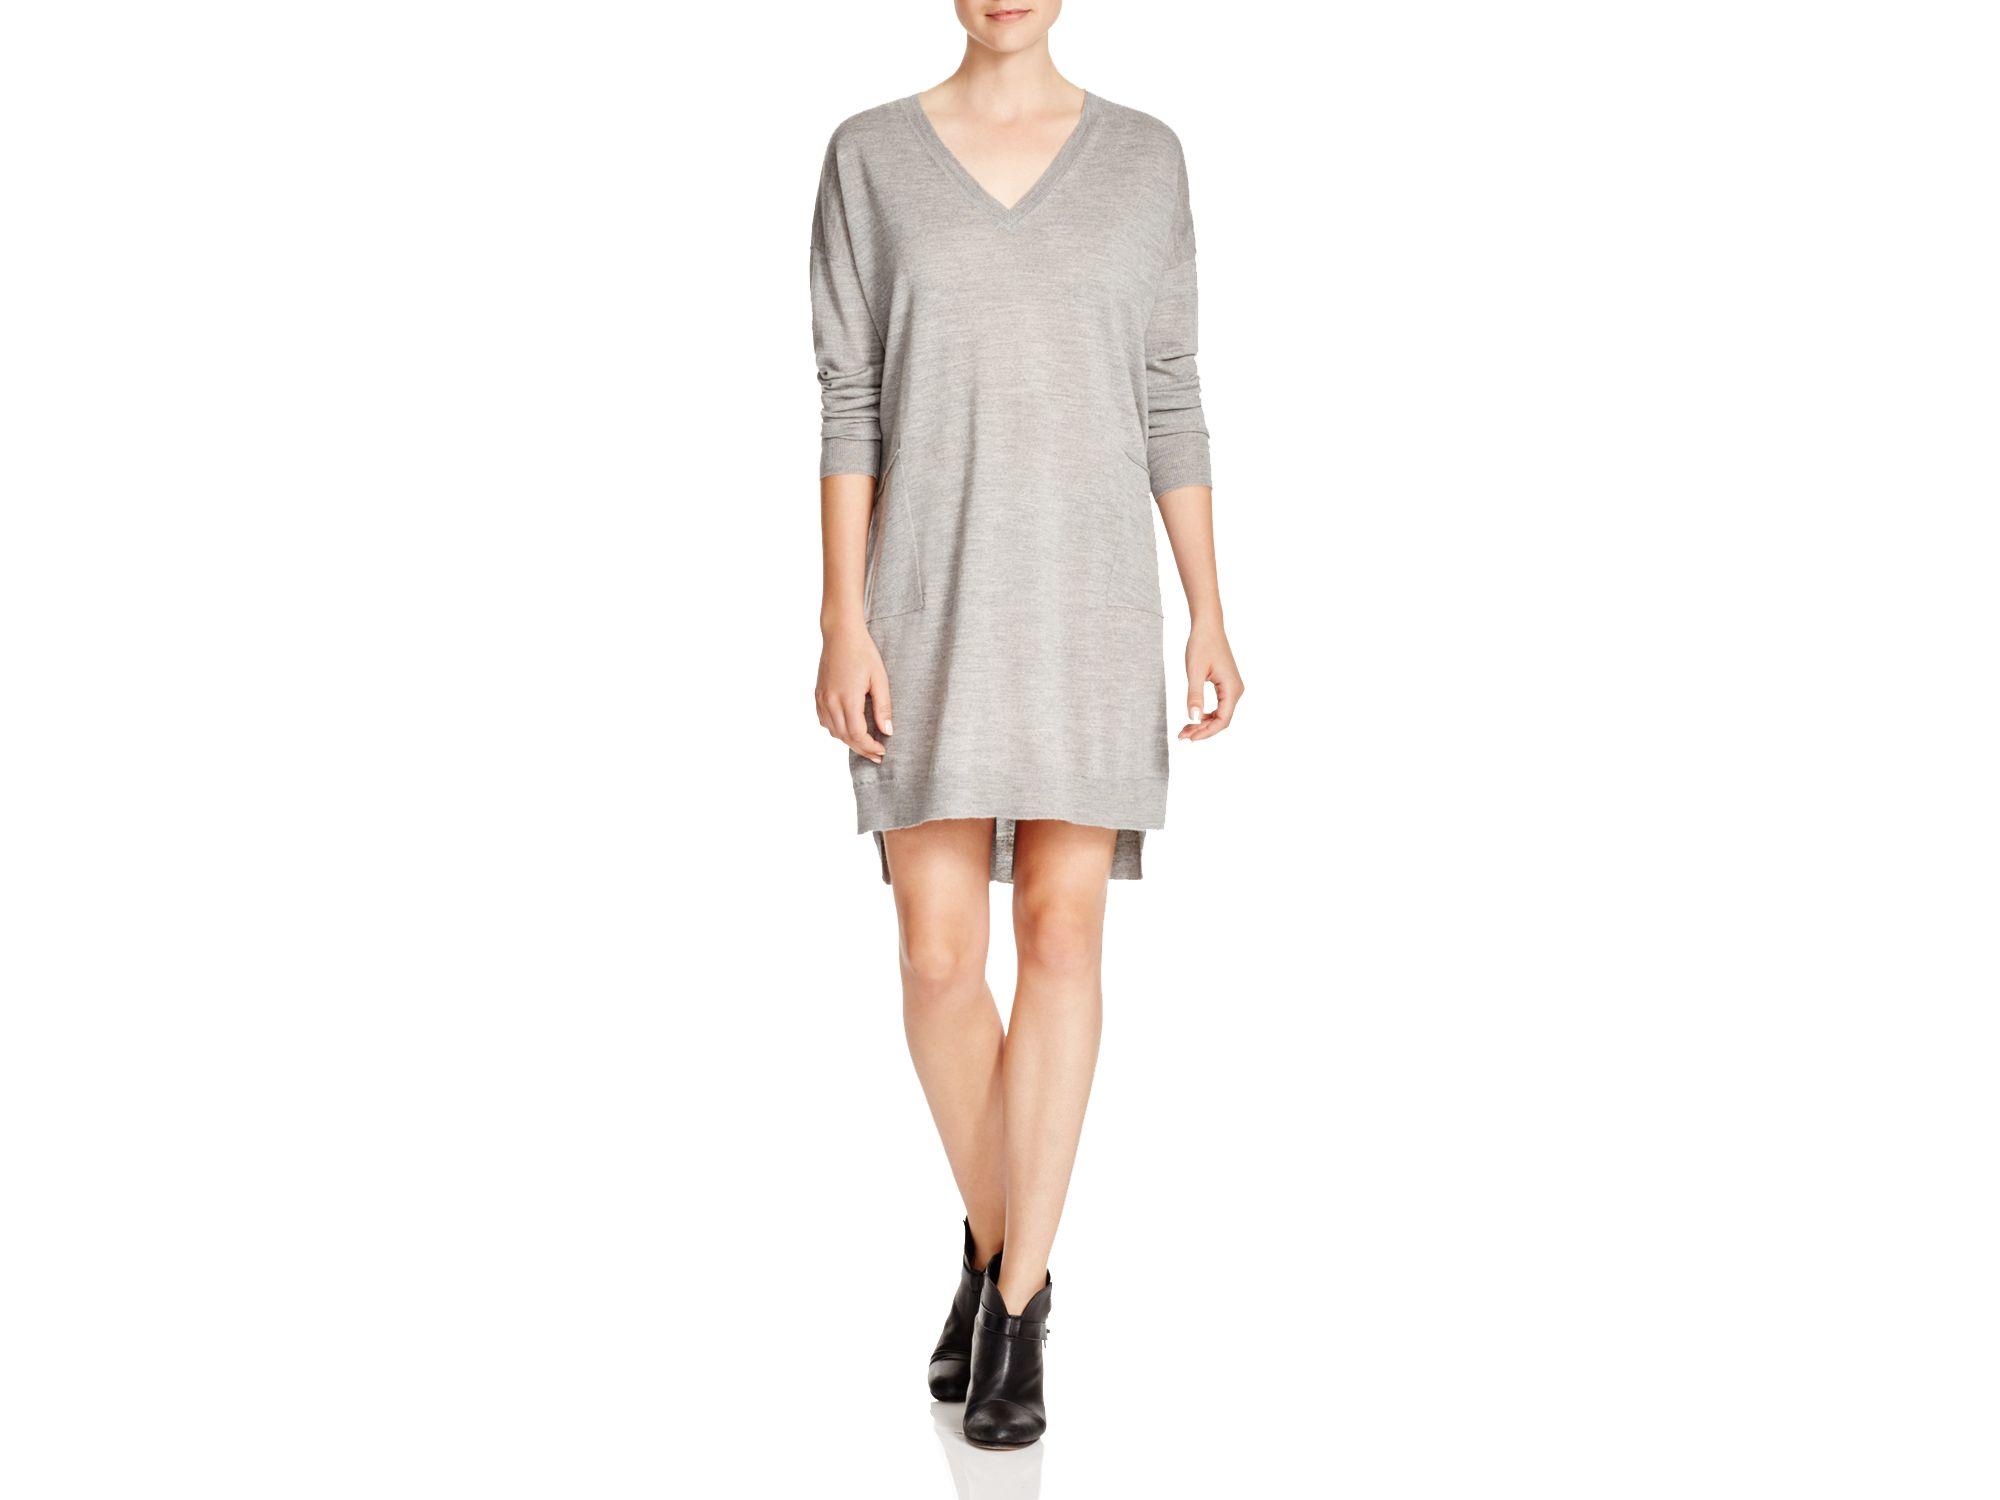 Eileen Fisher Sweater Dress Boots